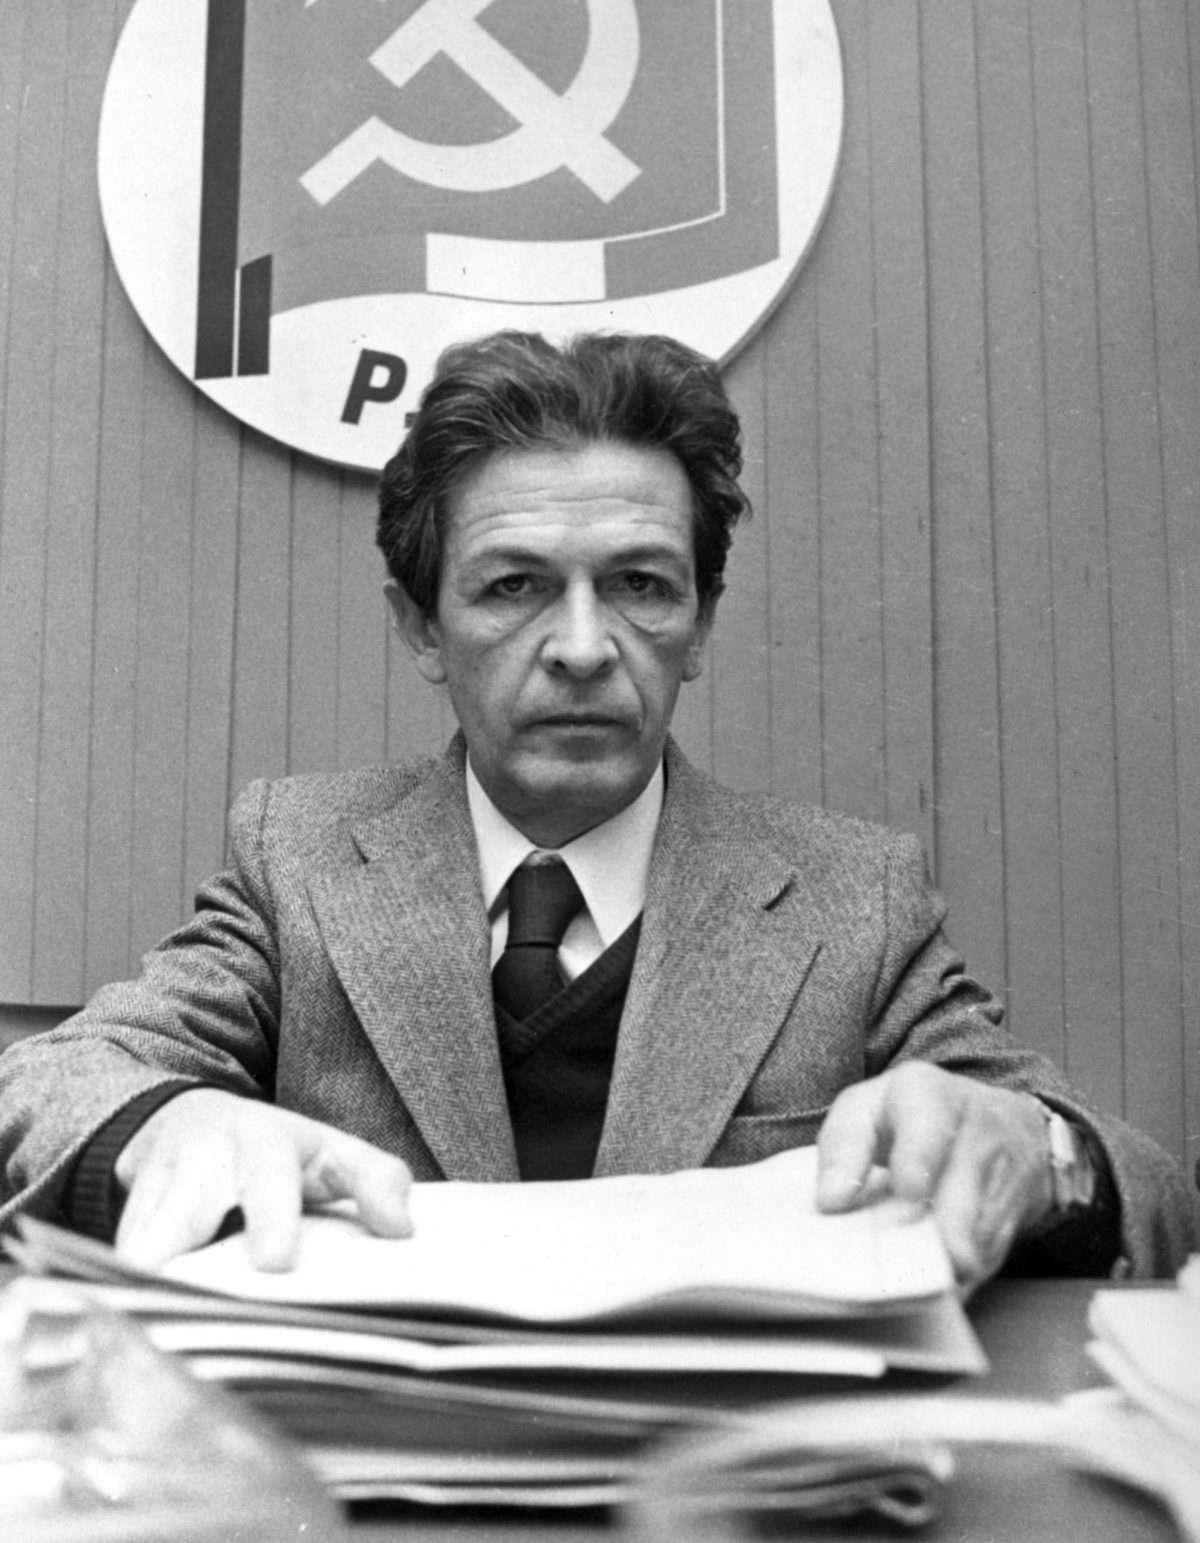 I 100 anni del PCI: racconto intimo della vita a Botteghe Oscure, simbolo di un partito centenario  (1)